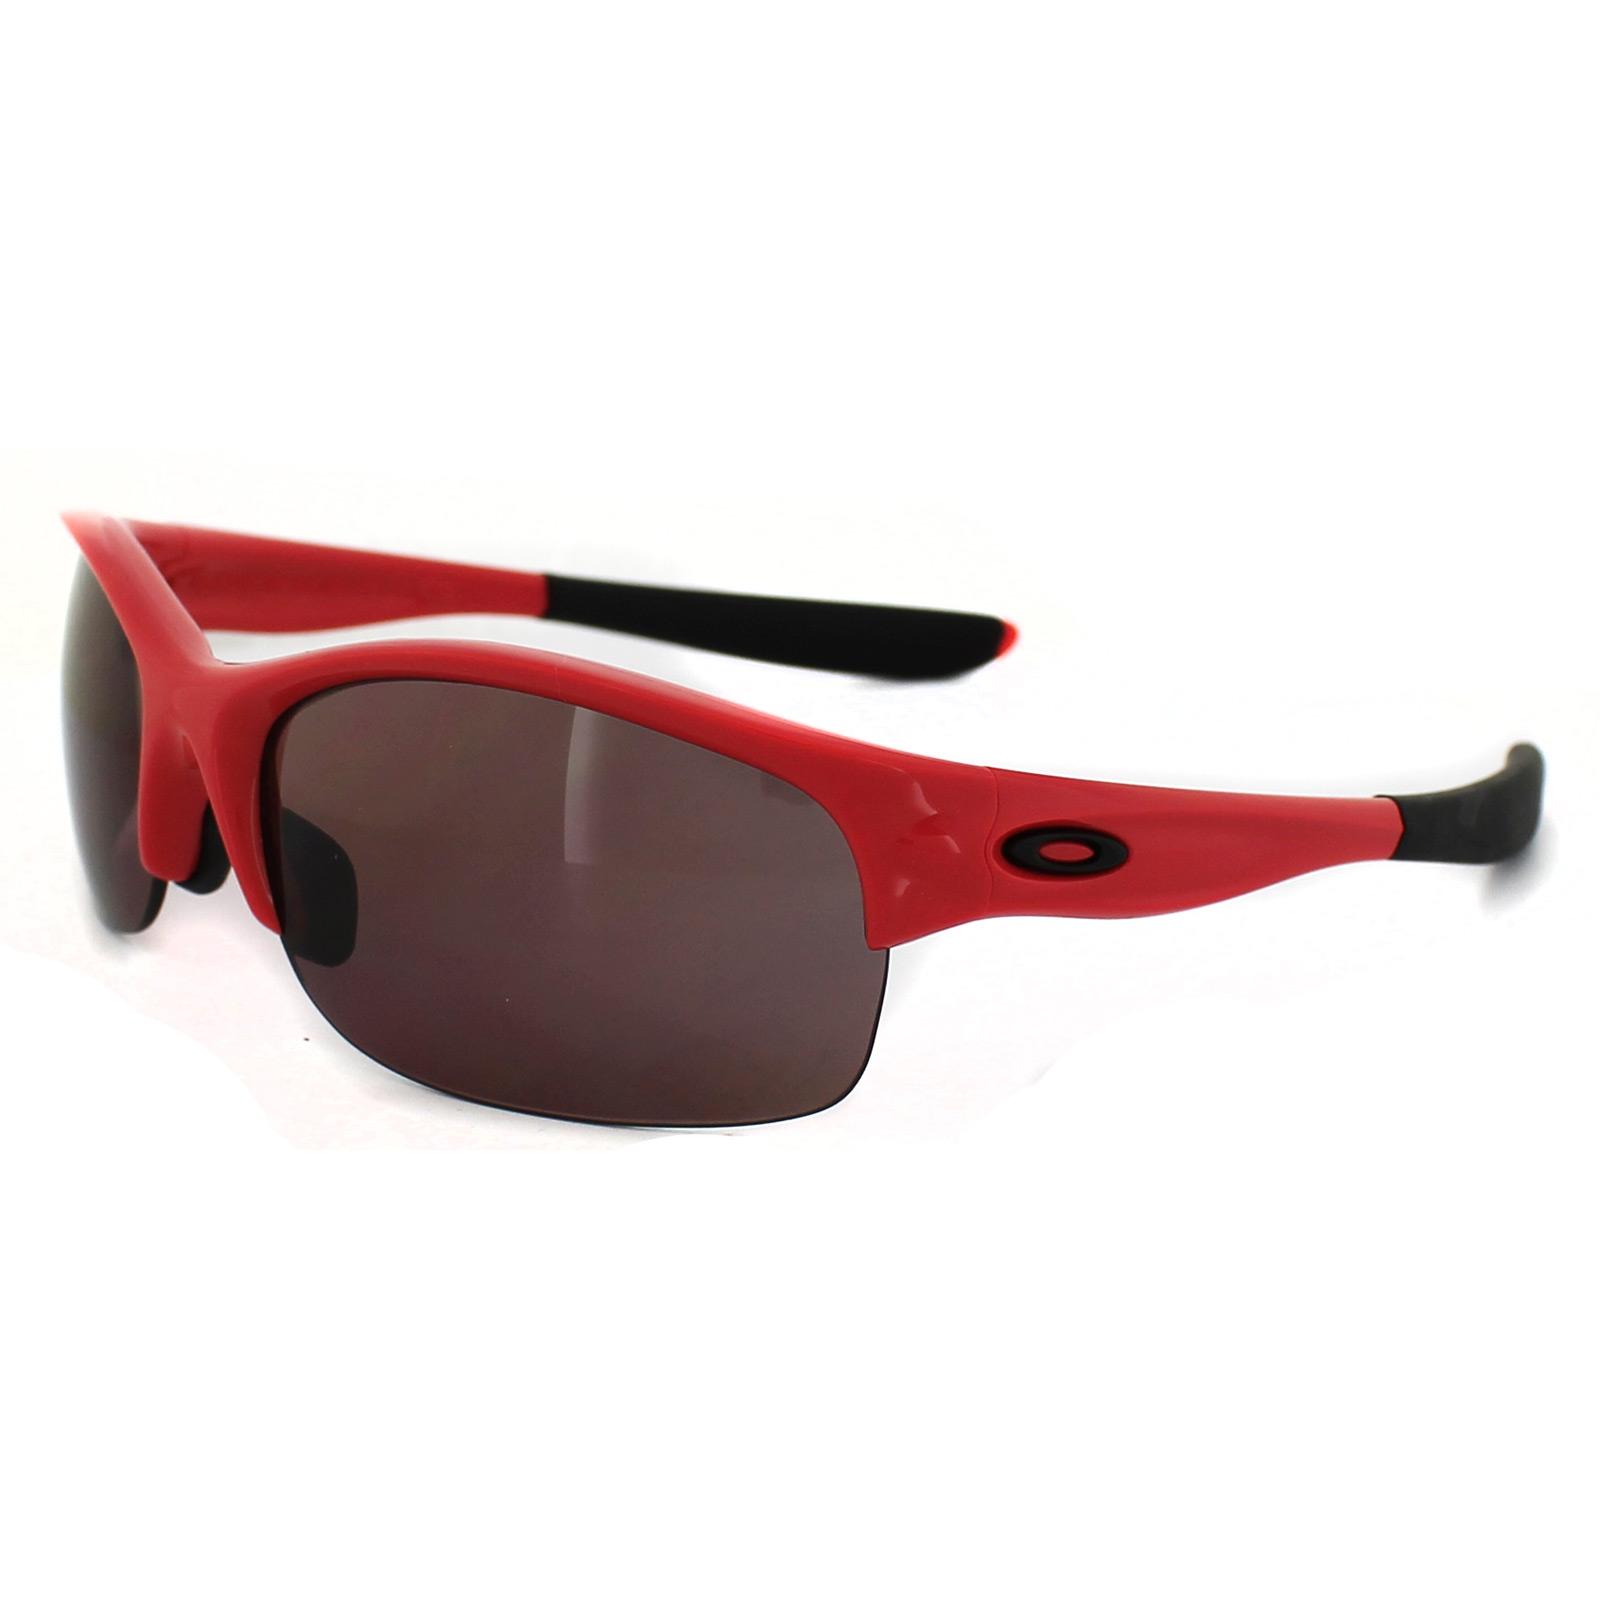 oakley polarized commit sunglasses  oakley commit sq sunglasses